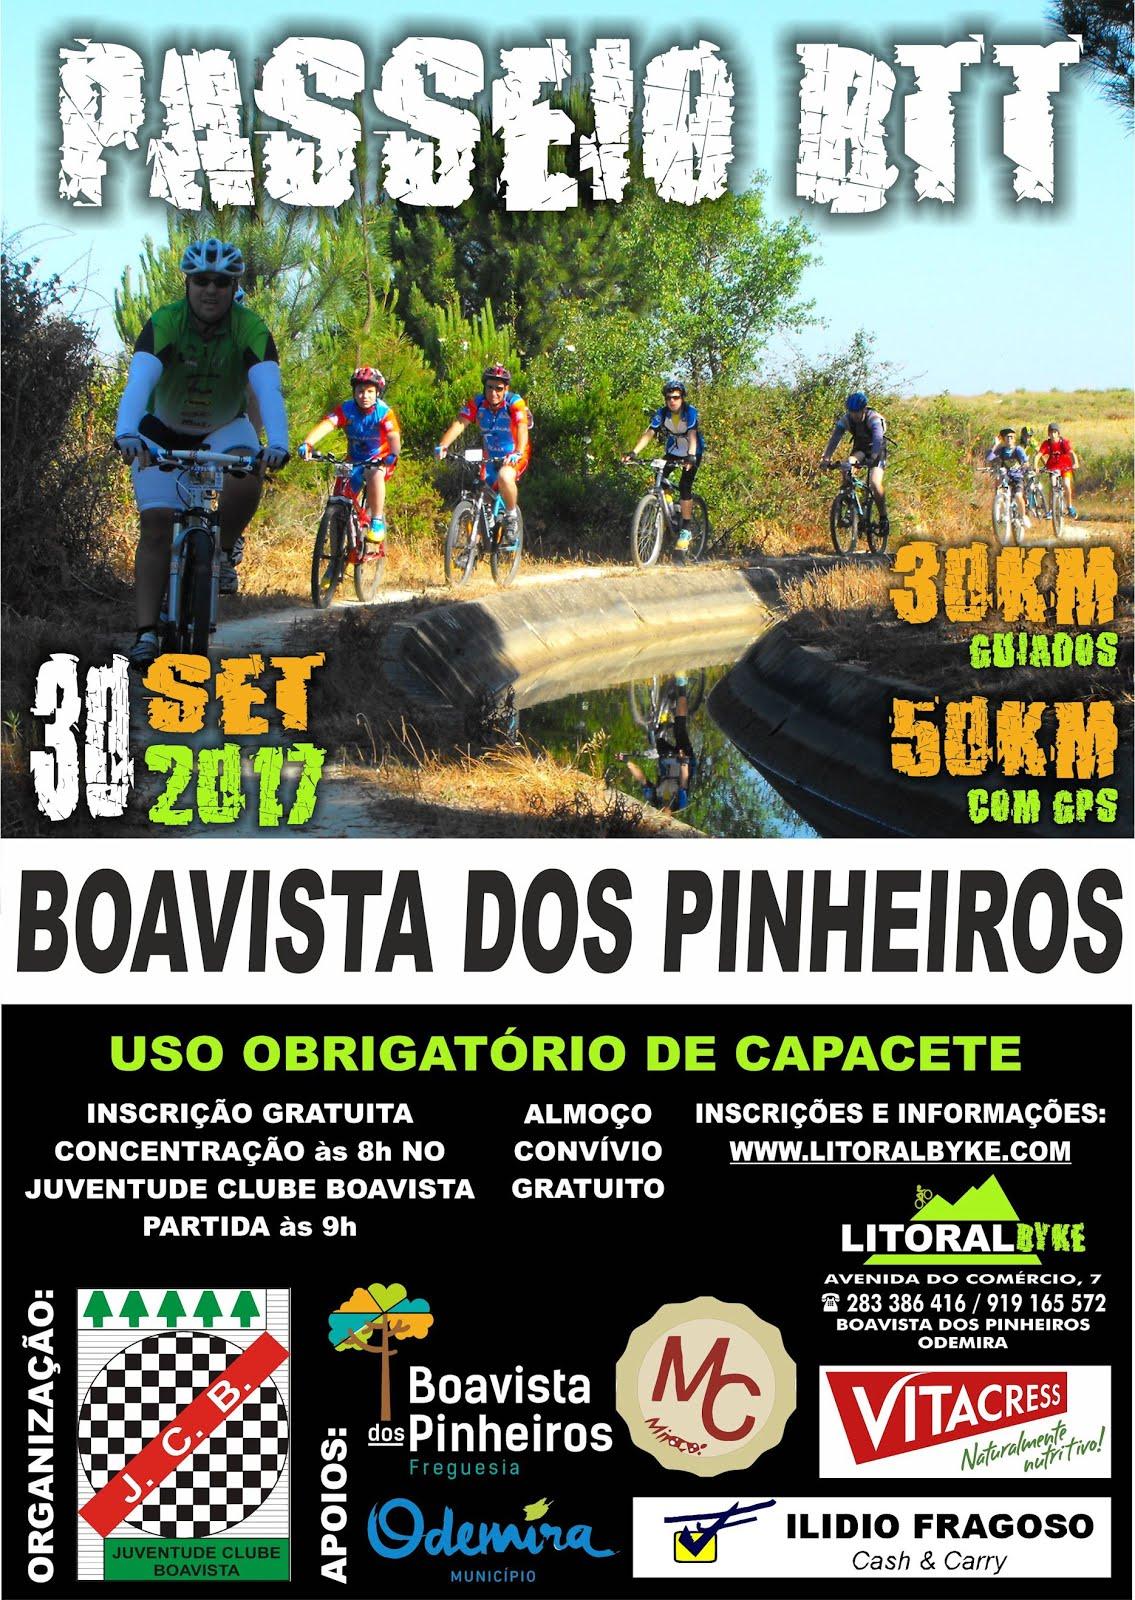 30SET * BOAVISTA DOS PINHEIROS